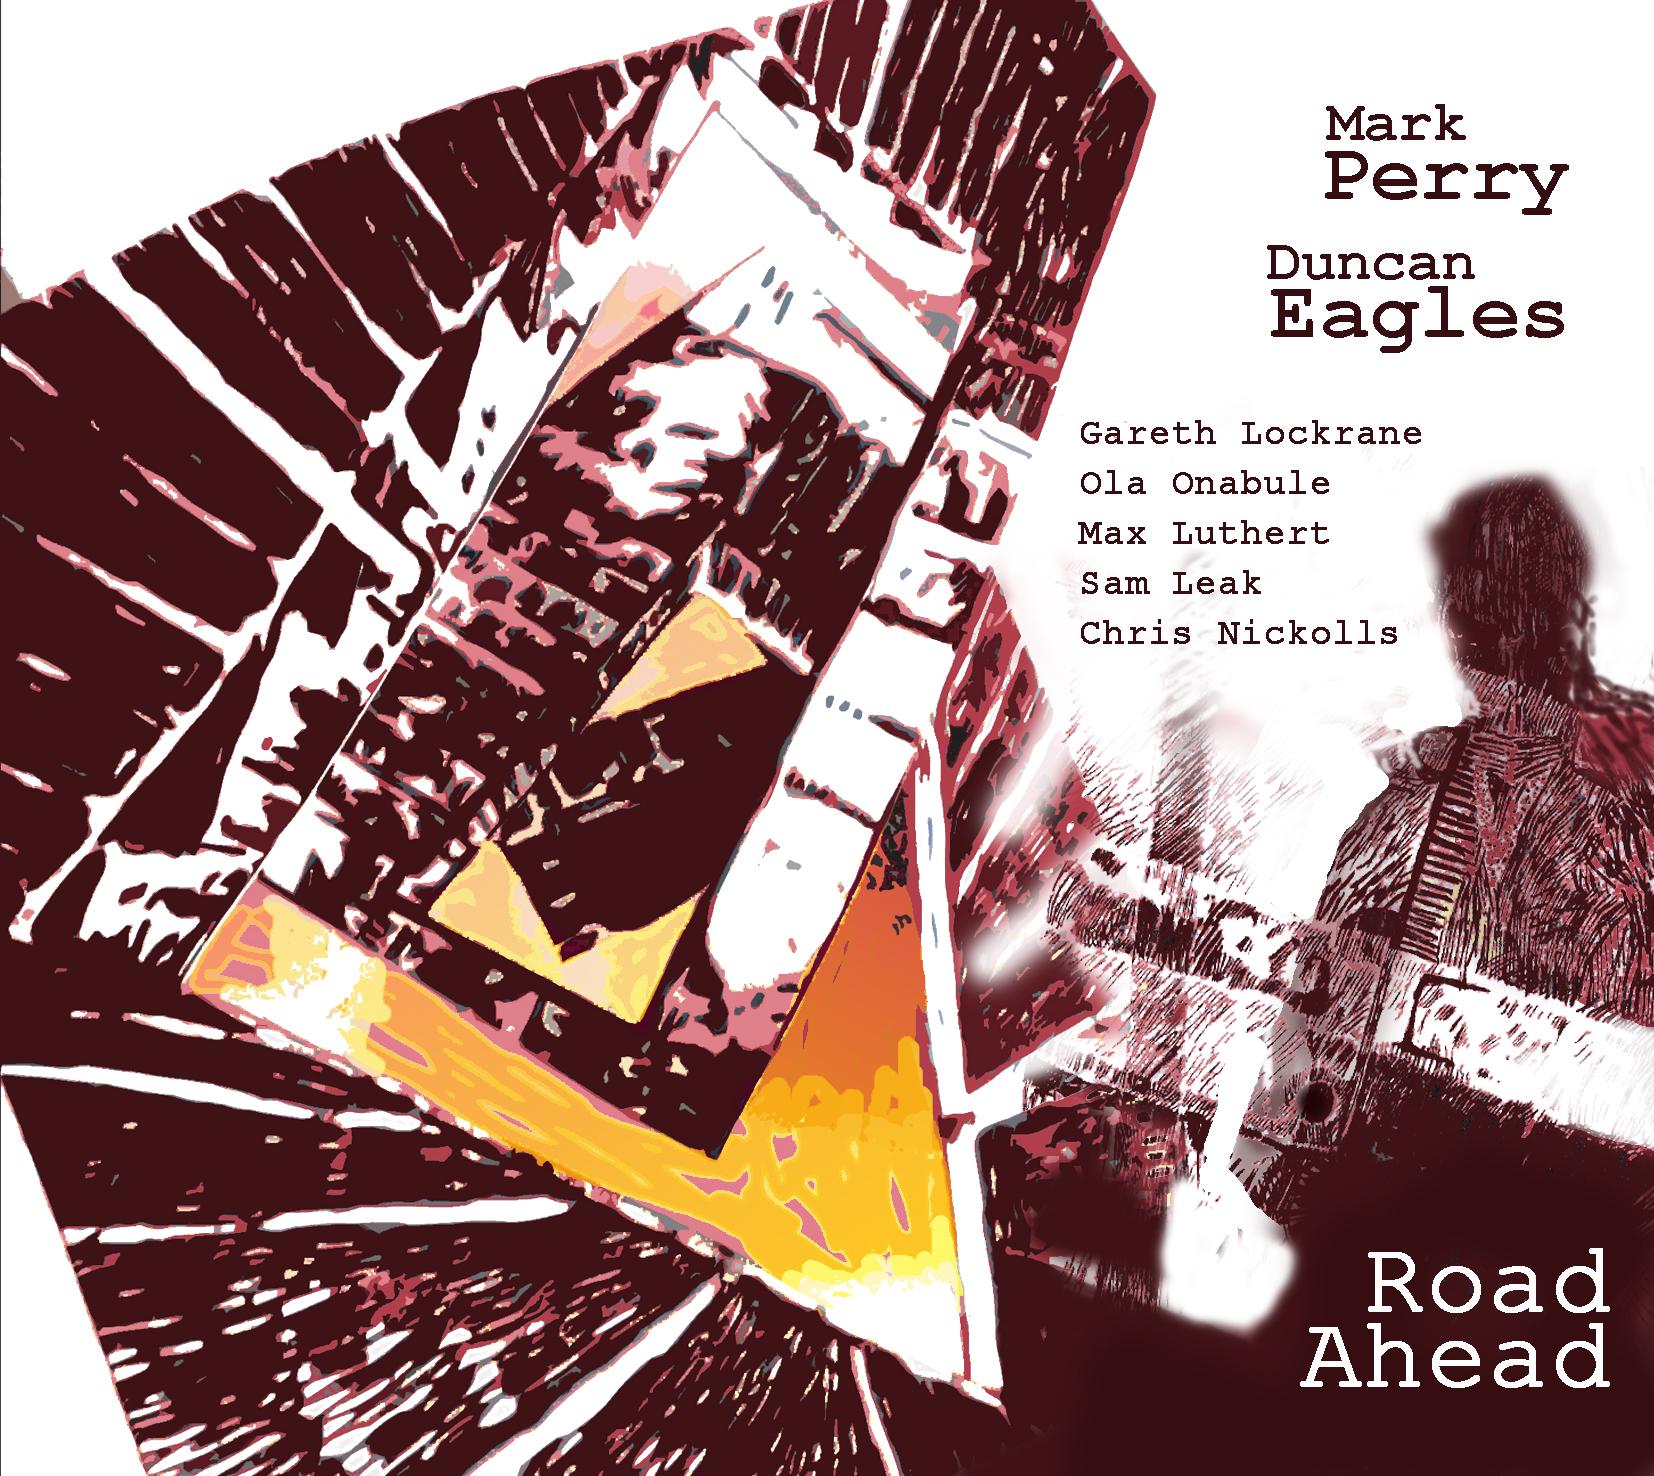 Road Ahead - Duncan Eagles / Mark Perry Quintet F-IRE 2014